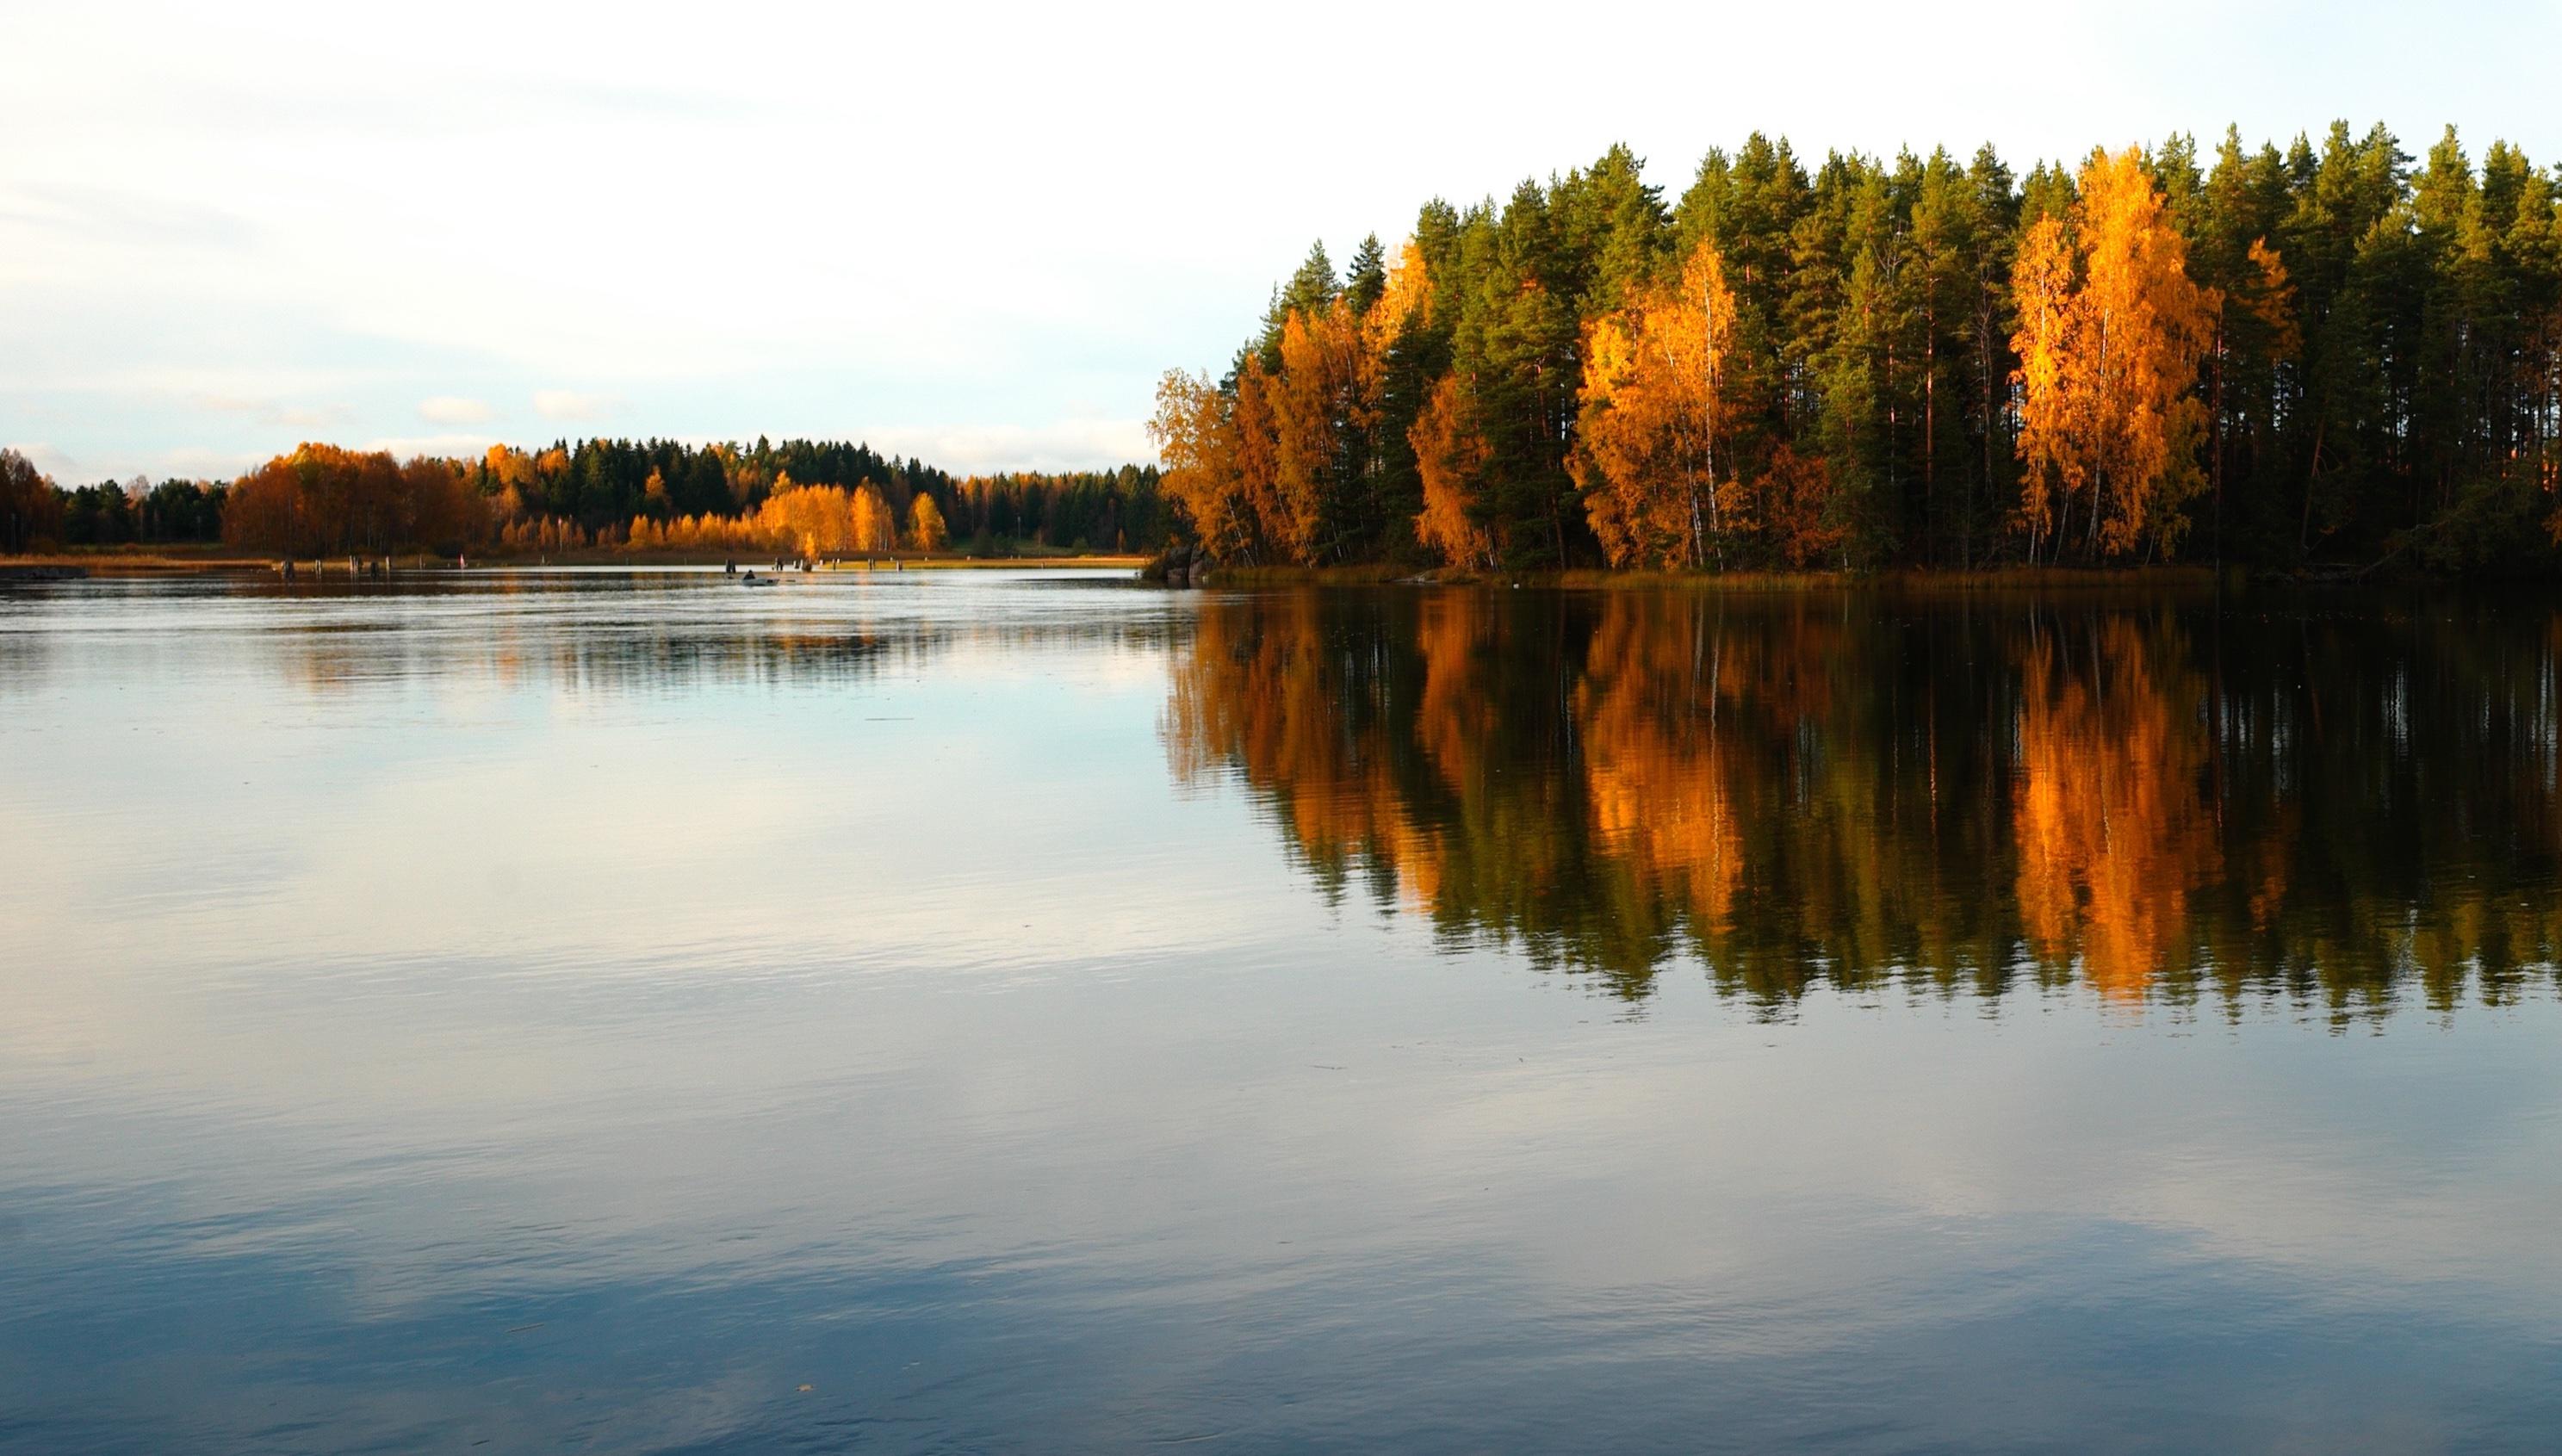 stock image of lake